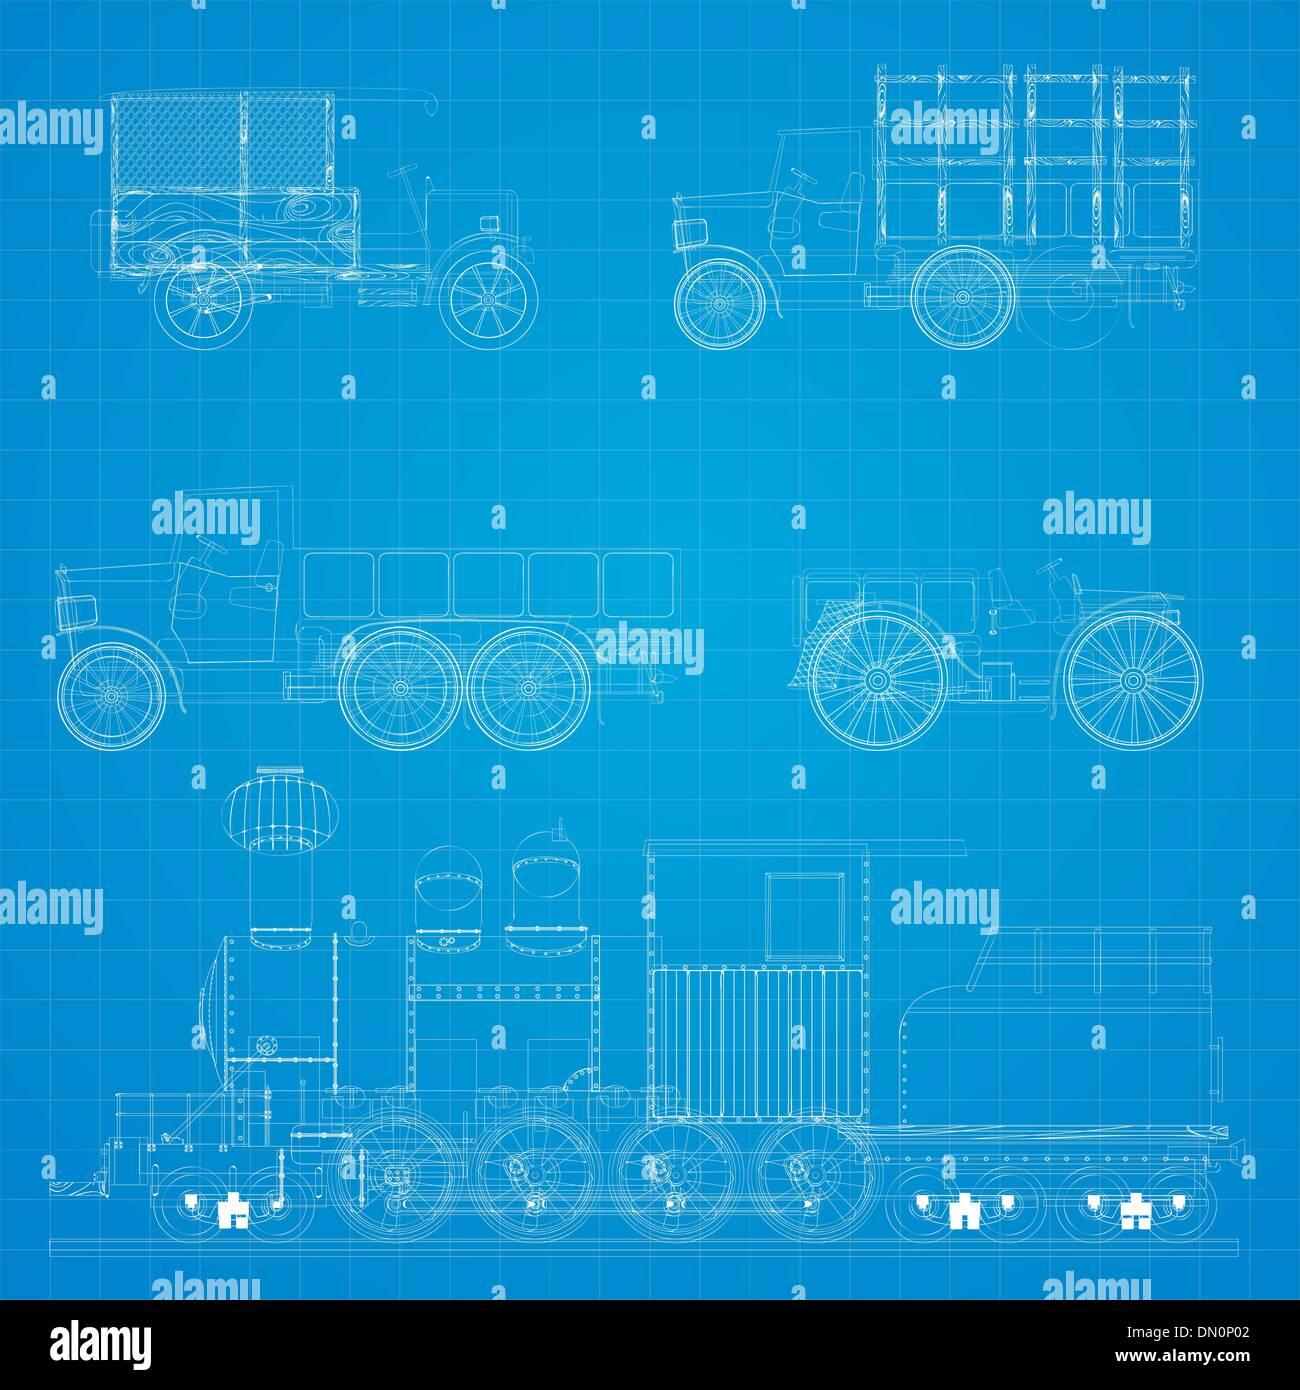 Wunderbar Blaupause Von Autos Galerie - Elektrische Schaltplan-Ideen ...